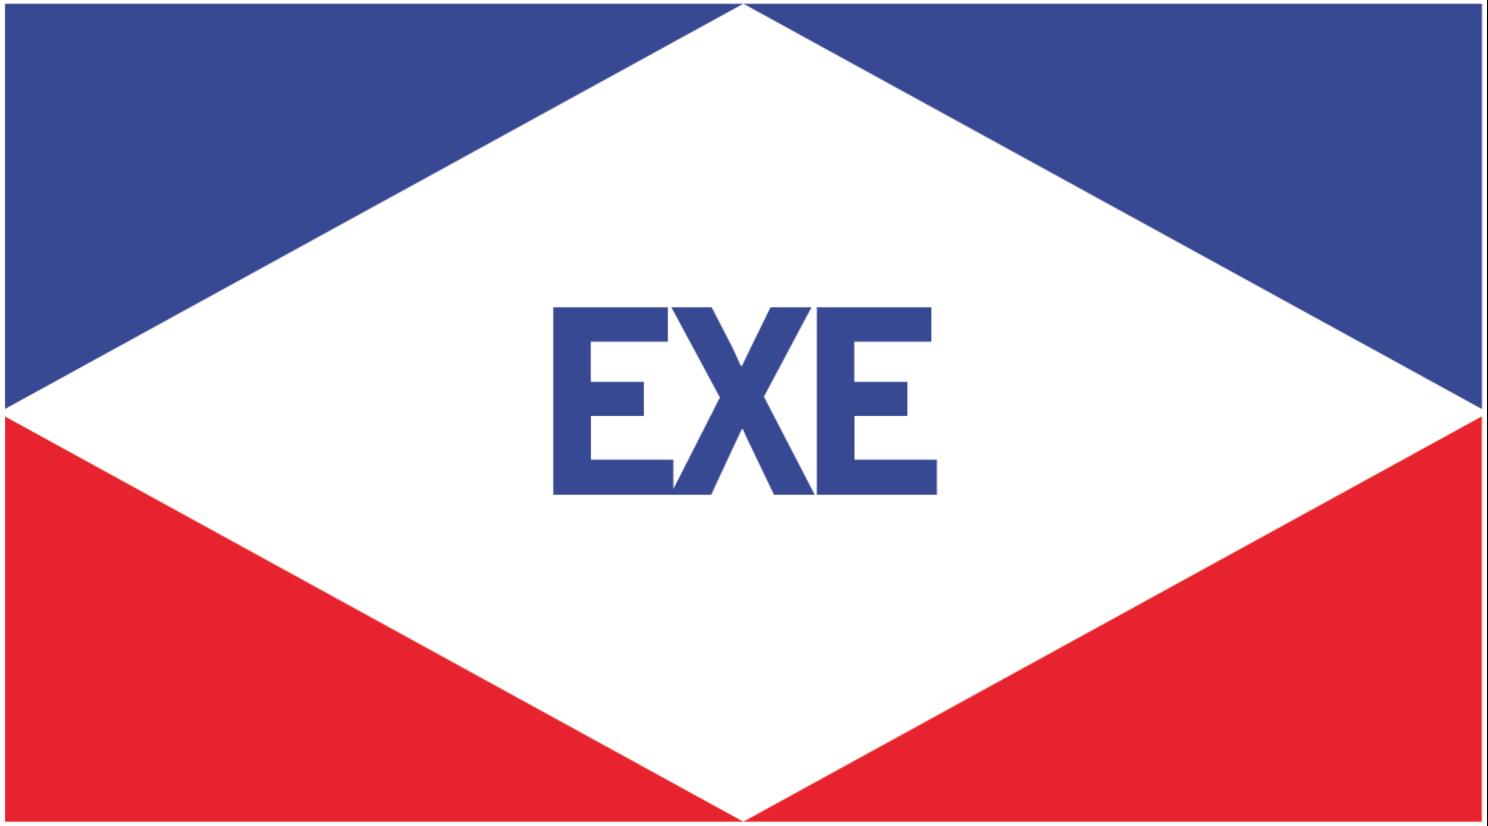 Exe Shipping